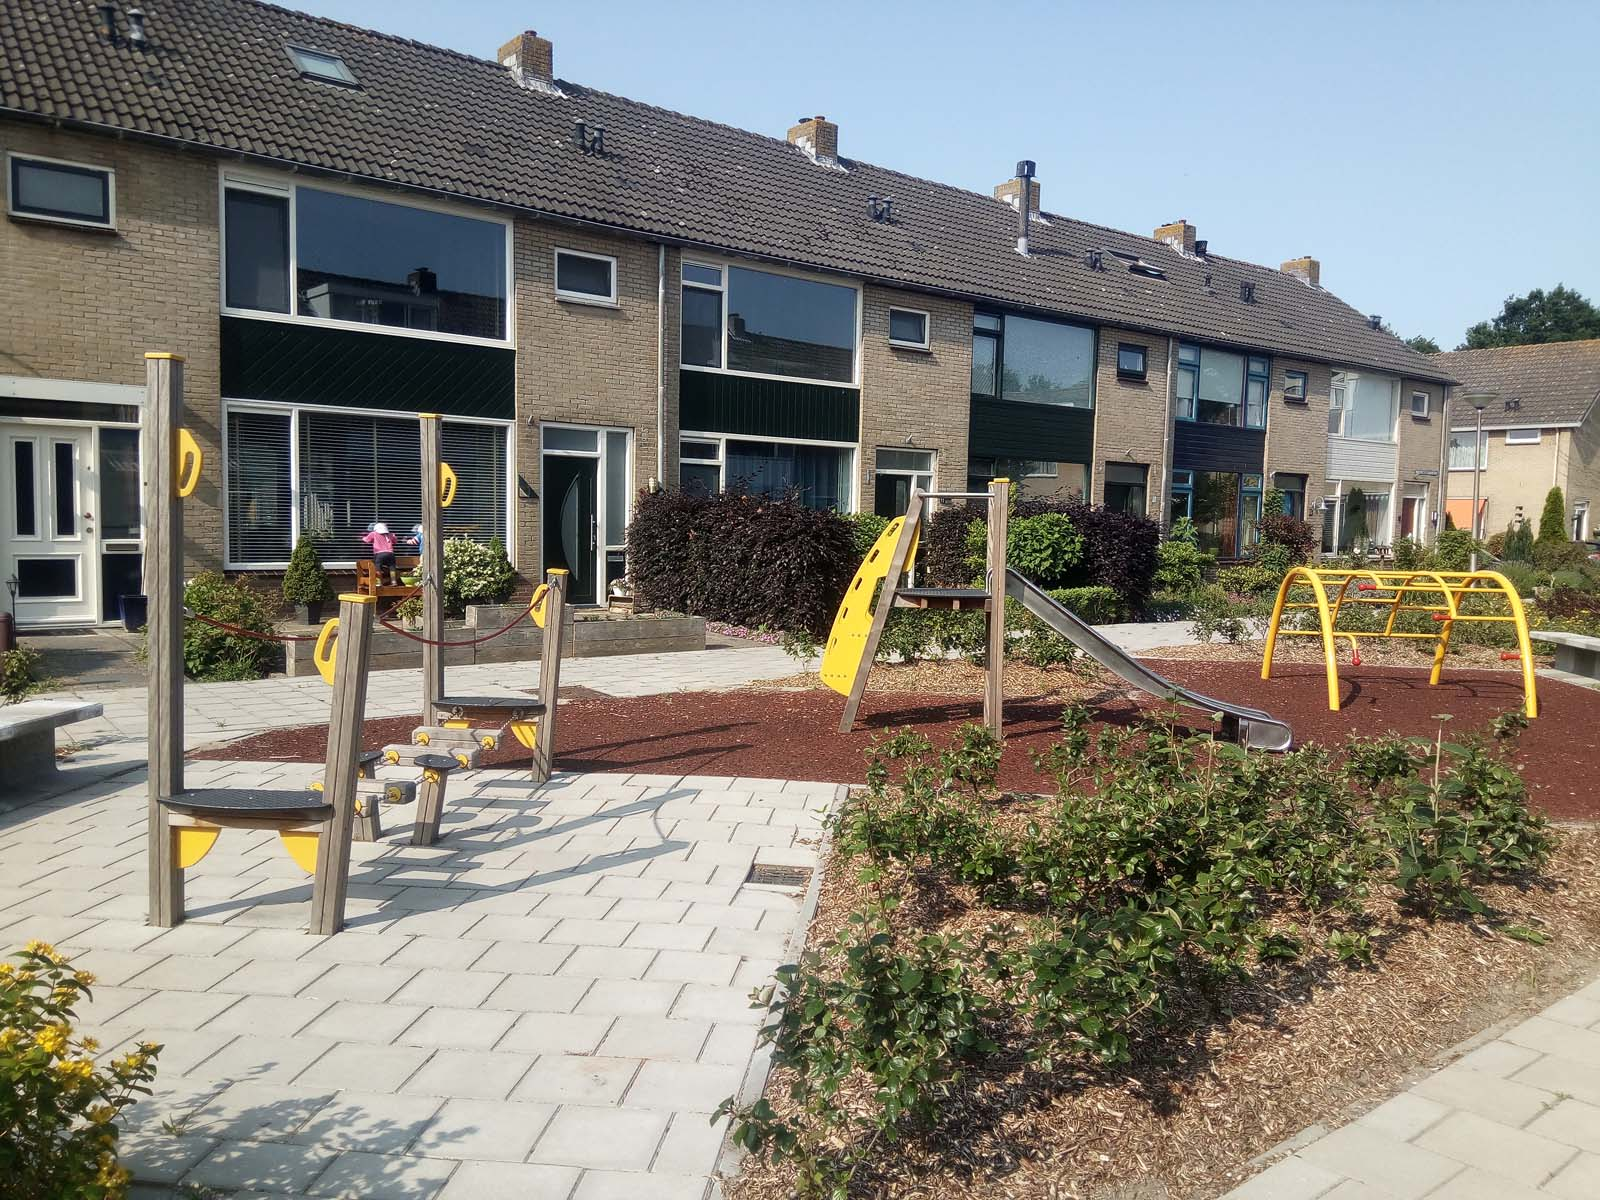 Burgemeester Slicherstraat - Westwout